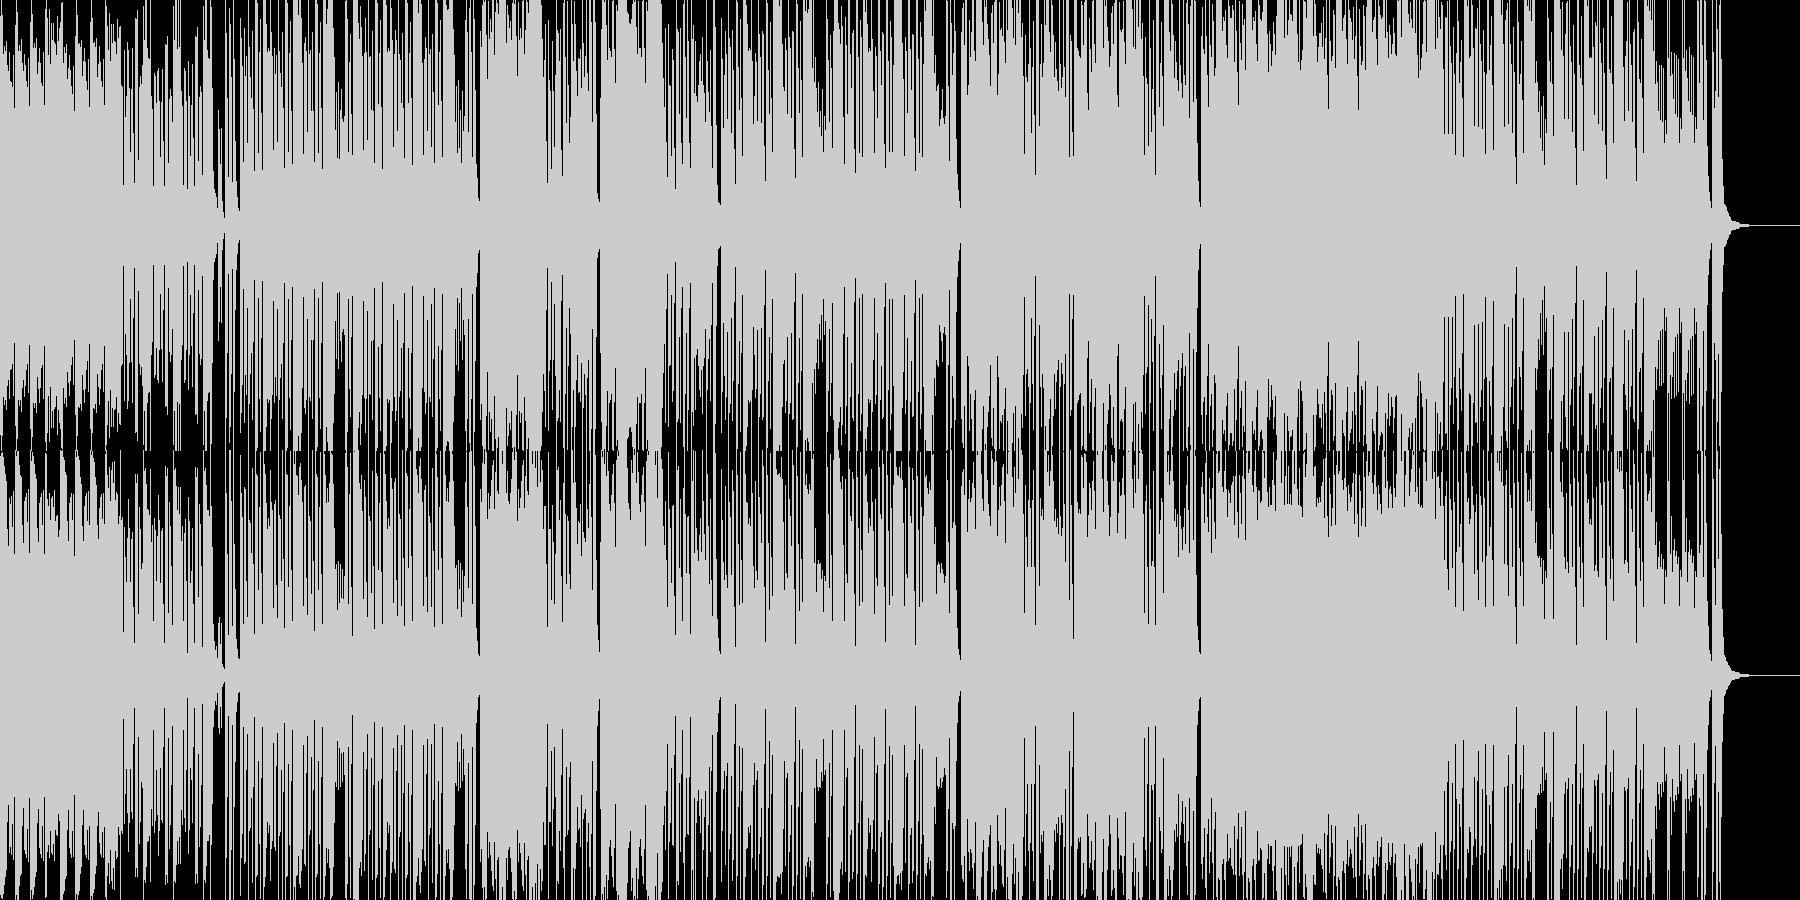 おちゃめなガイコツくん ハロウィンBGMの未再生の波形